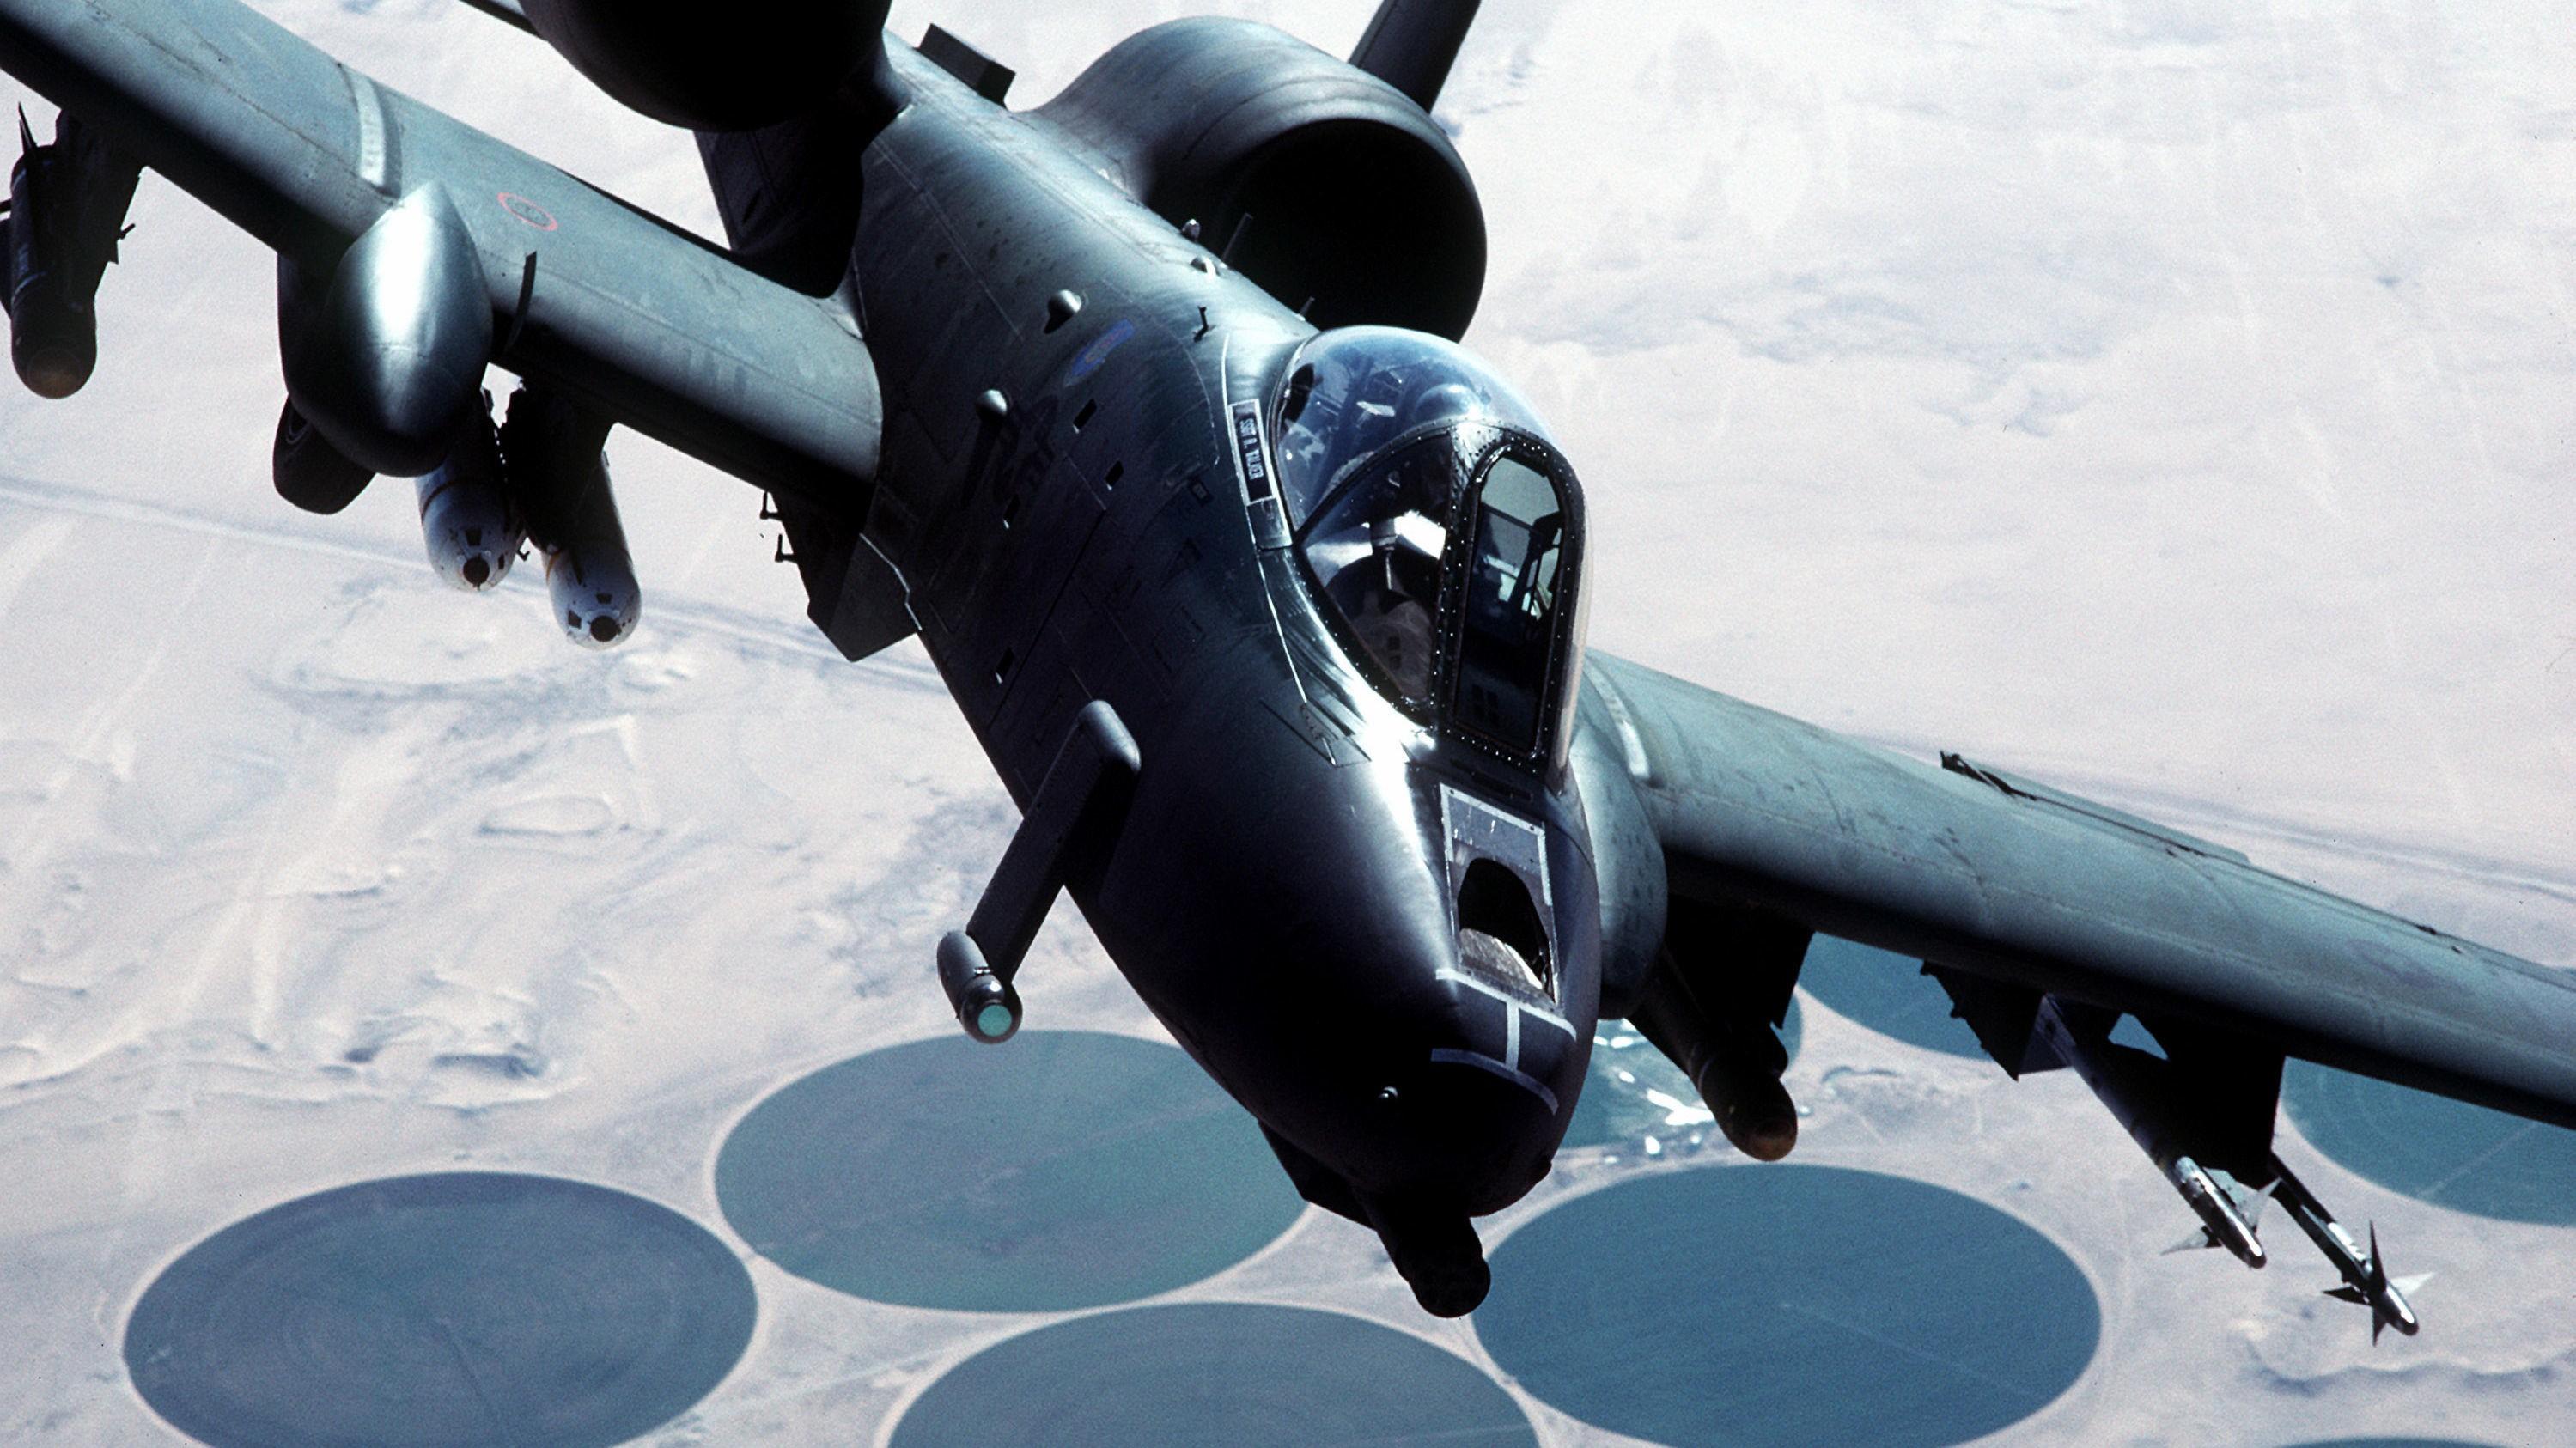 A-10 Thunderbolt II - bedre kjent som Warthog - er i praksis et flyvende maskingevær.